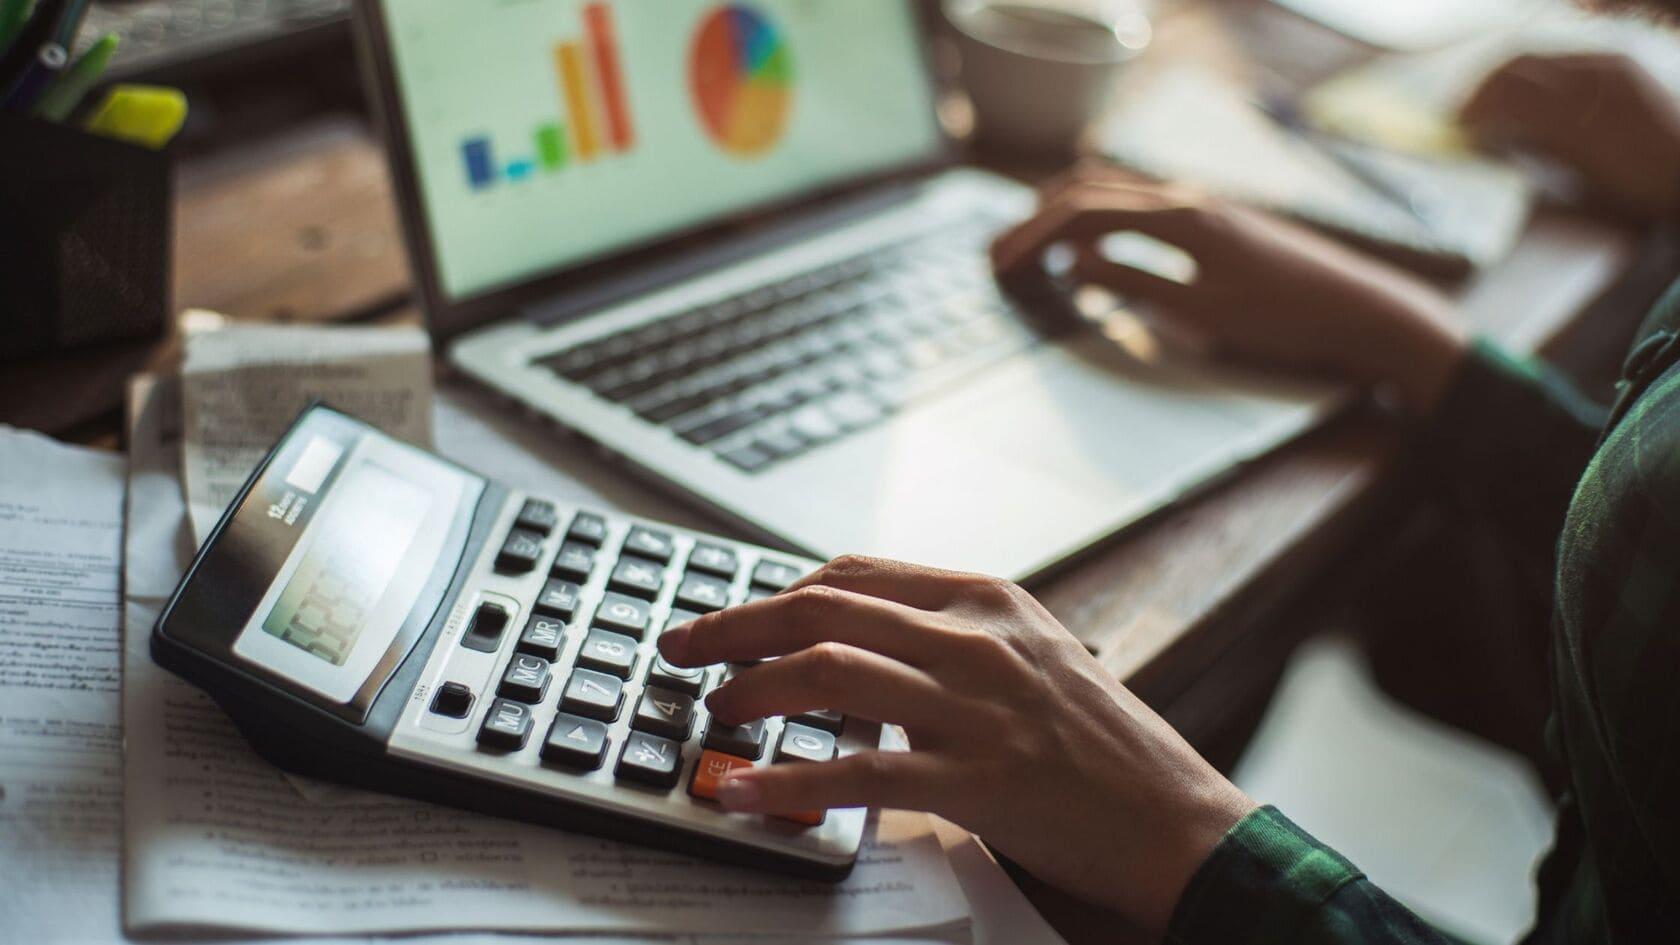 quanto costano wordpress o blogger